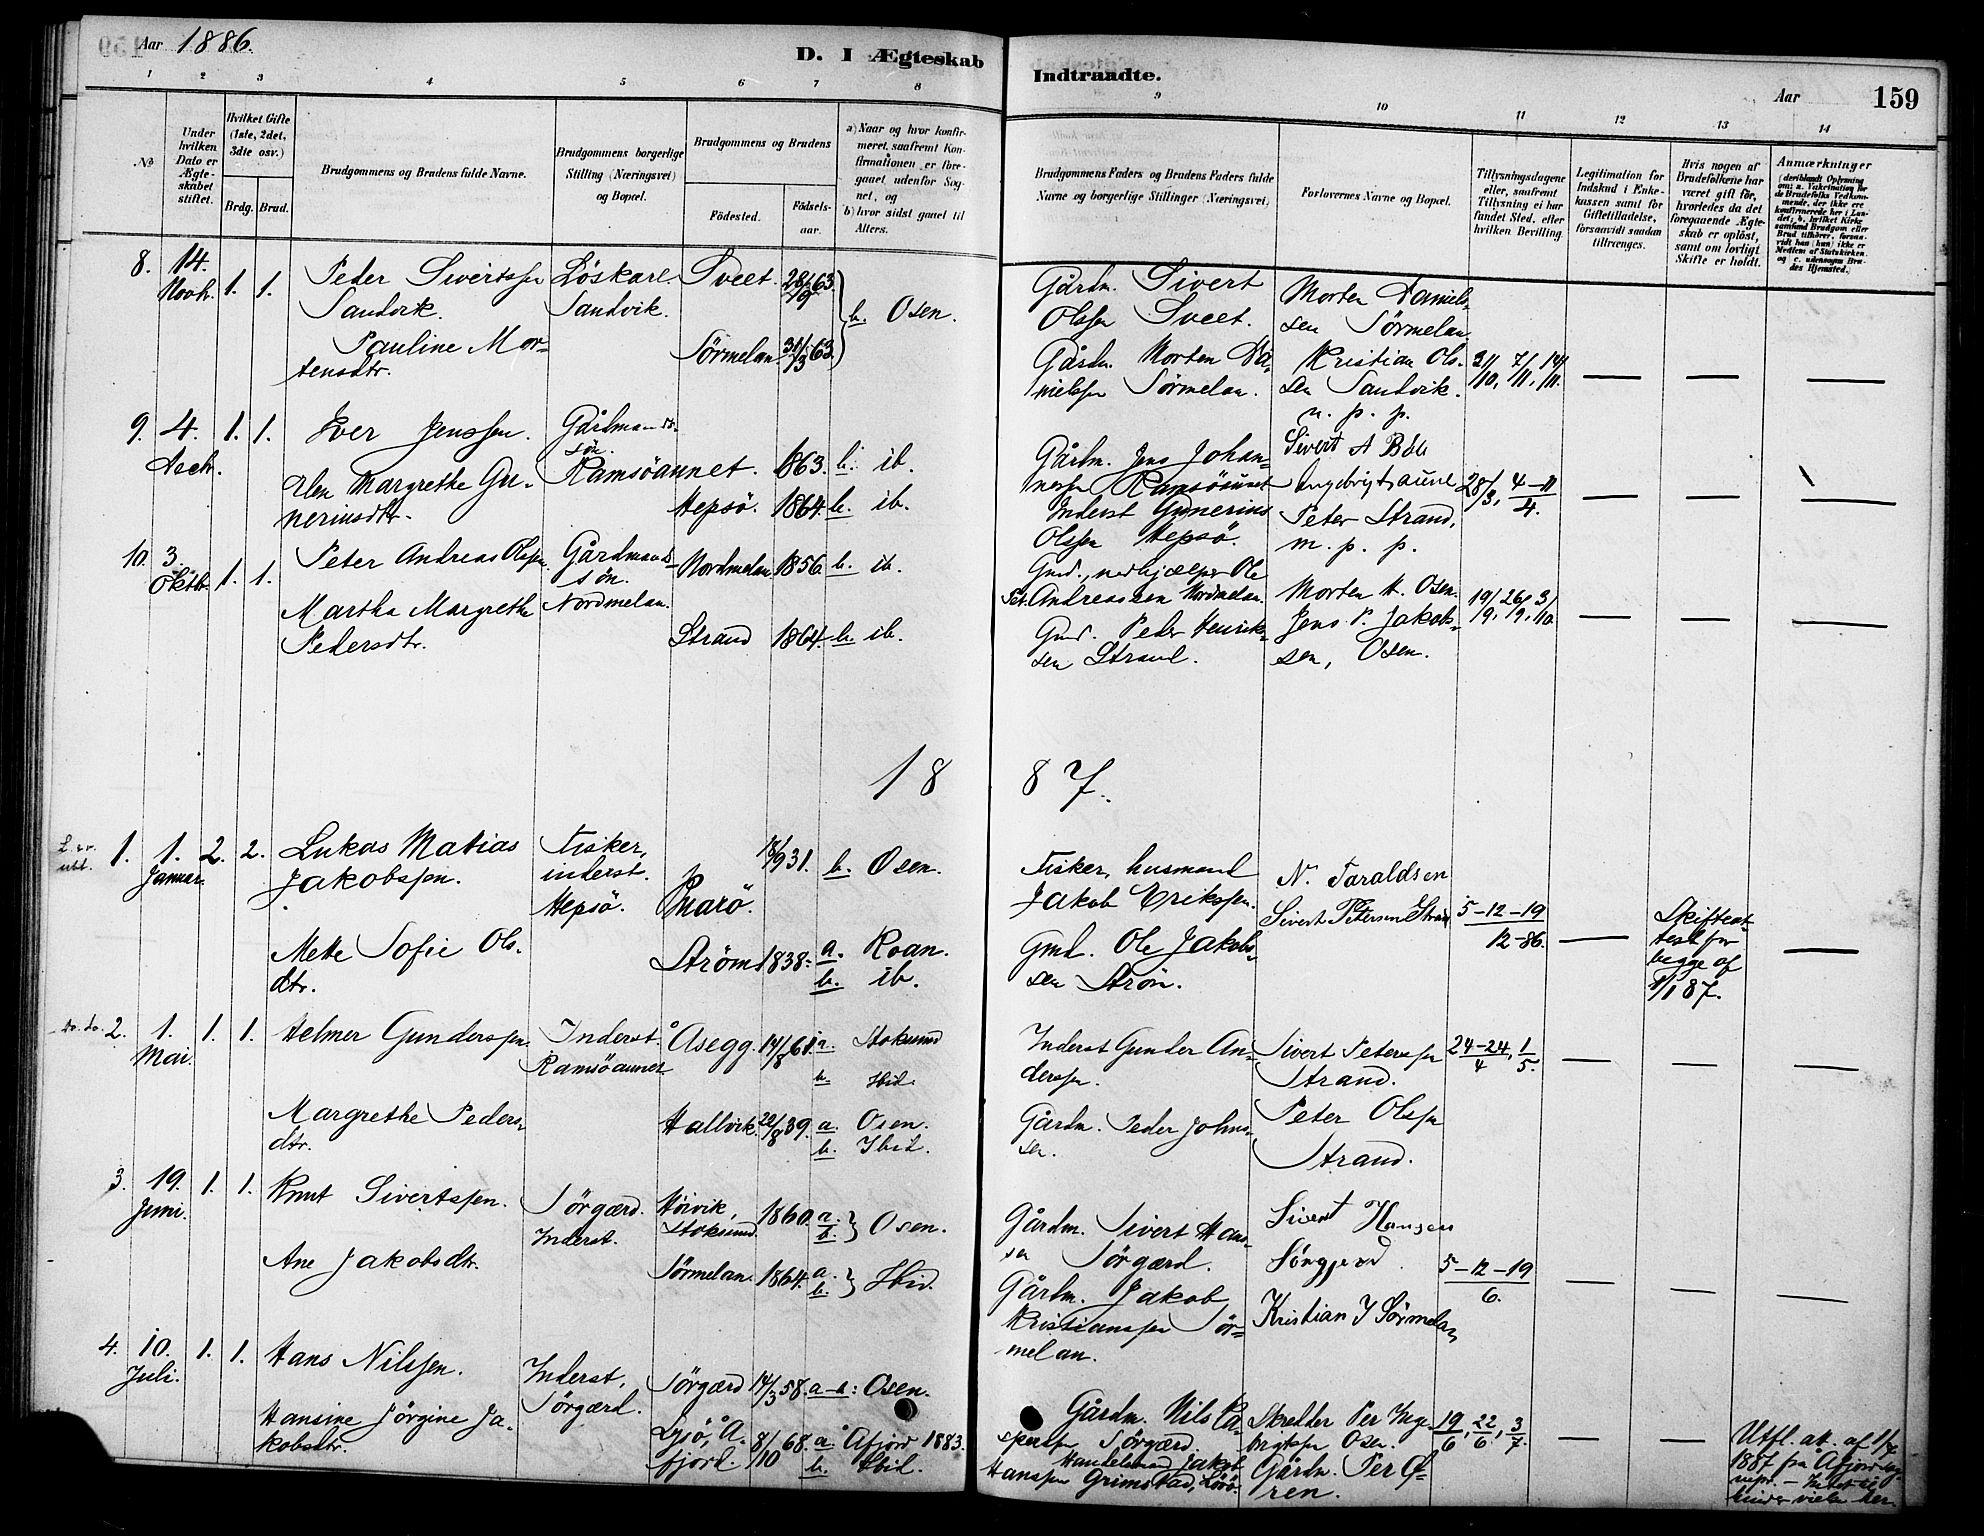 SAT, Ministerialprotokoller, klokkerbøker og fødselsregistre - Sør-Trøndelag, 658/L0722: Ministerialbok nr. 658A01, 1879-1896, s. 159